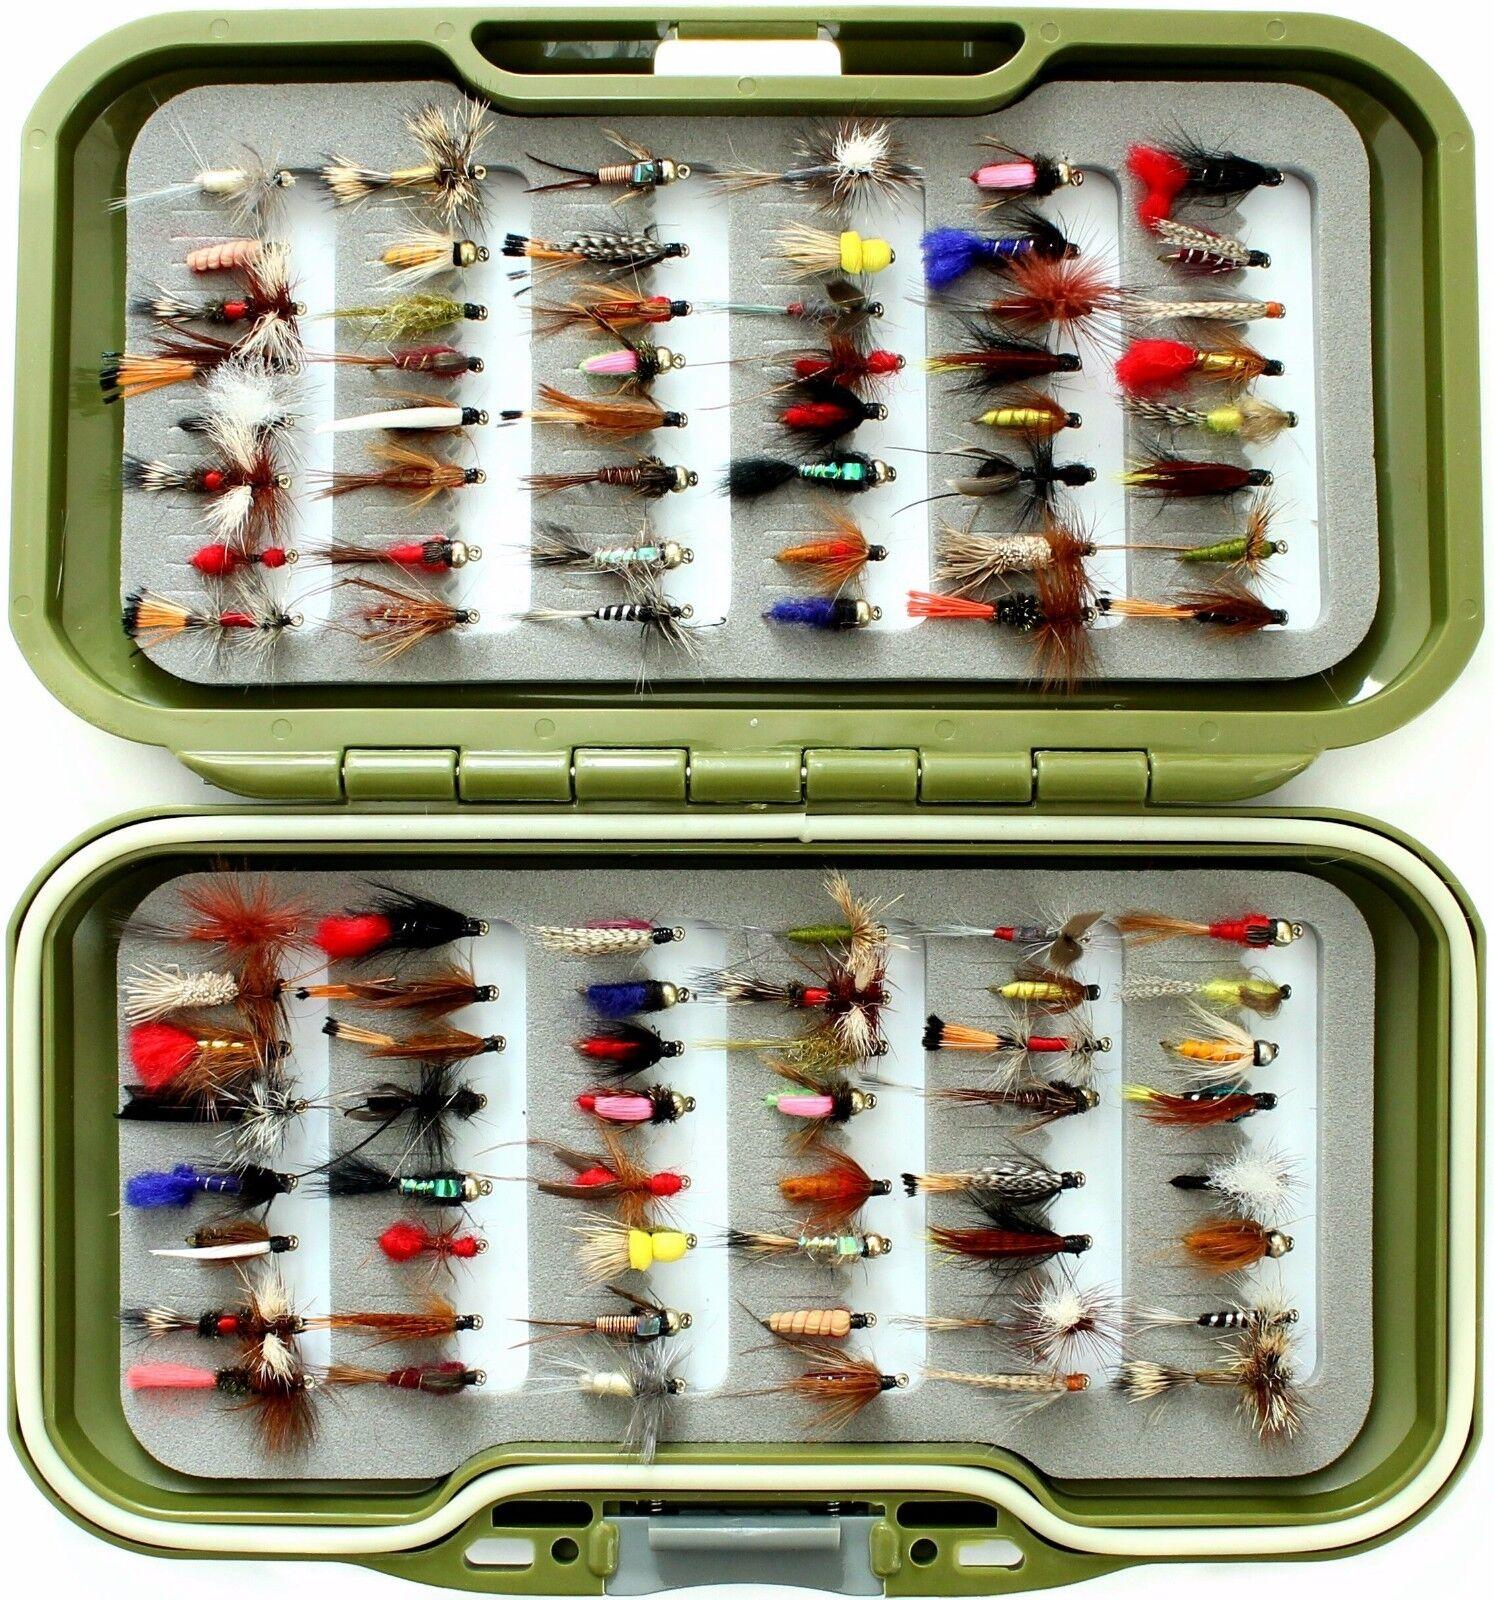 Fly scatola Set, Trossoe Mosche, Regno Unito, si asciuga, PISCIA, NINFA Cicalini, pesca a mosca